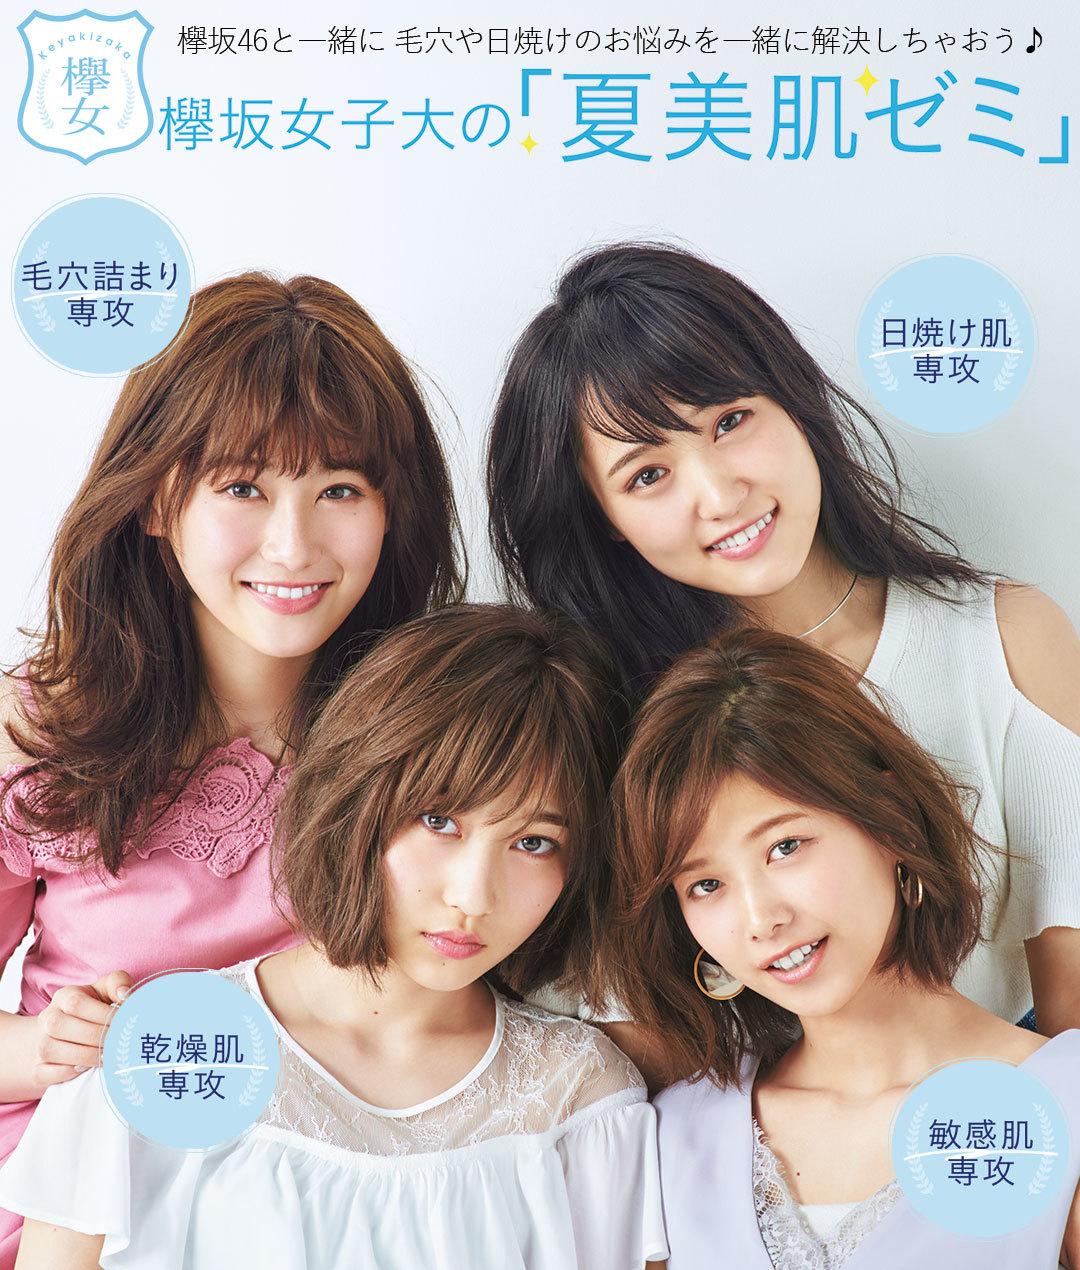 欅坂 美のプロが指南するこの季節にマストな美肌ケアを、欅坂46の4名が実践! 欅坂女子大の「夏美肌ゼミ」開講中